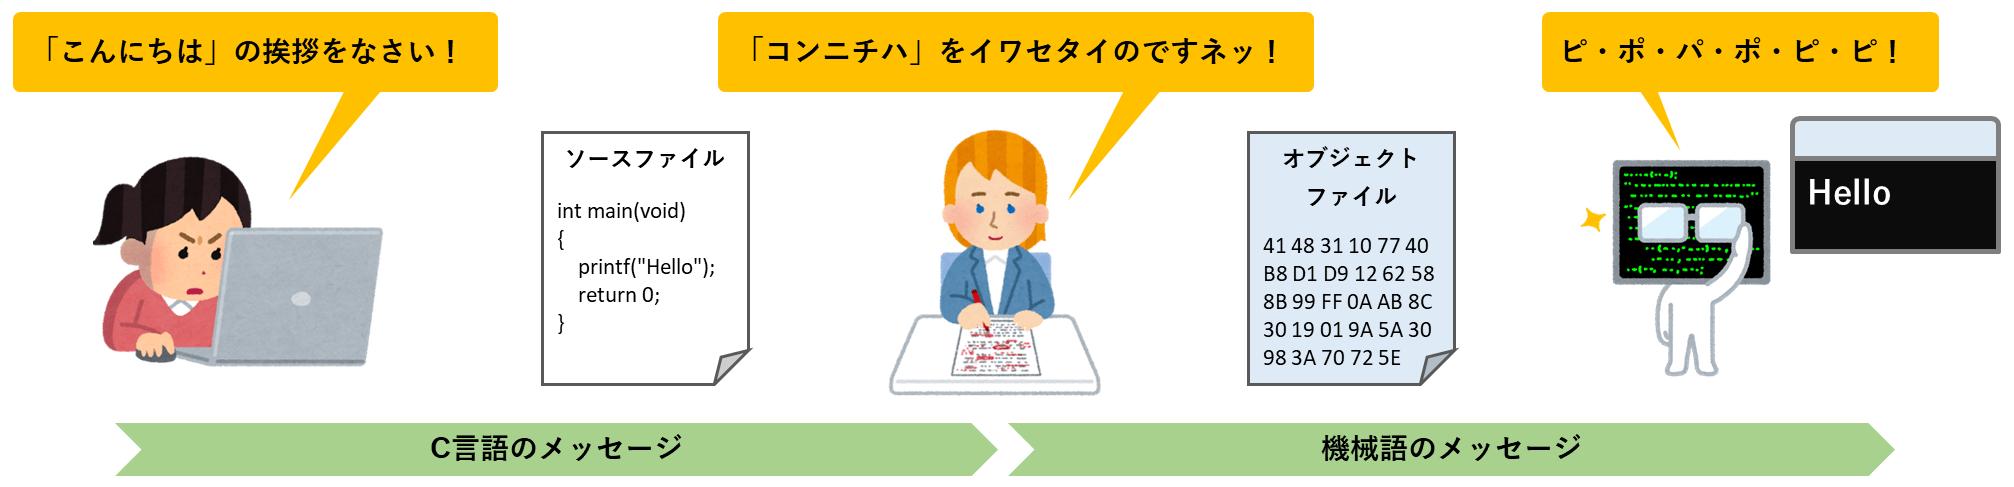 翻訳ありの場合